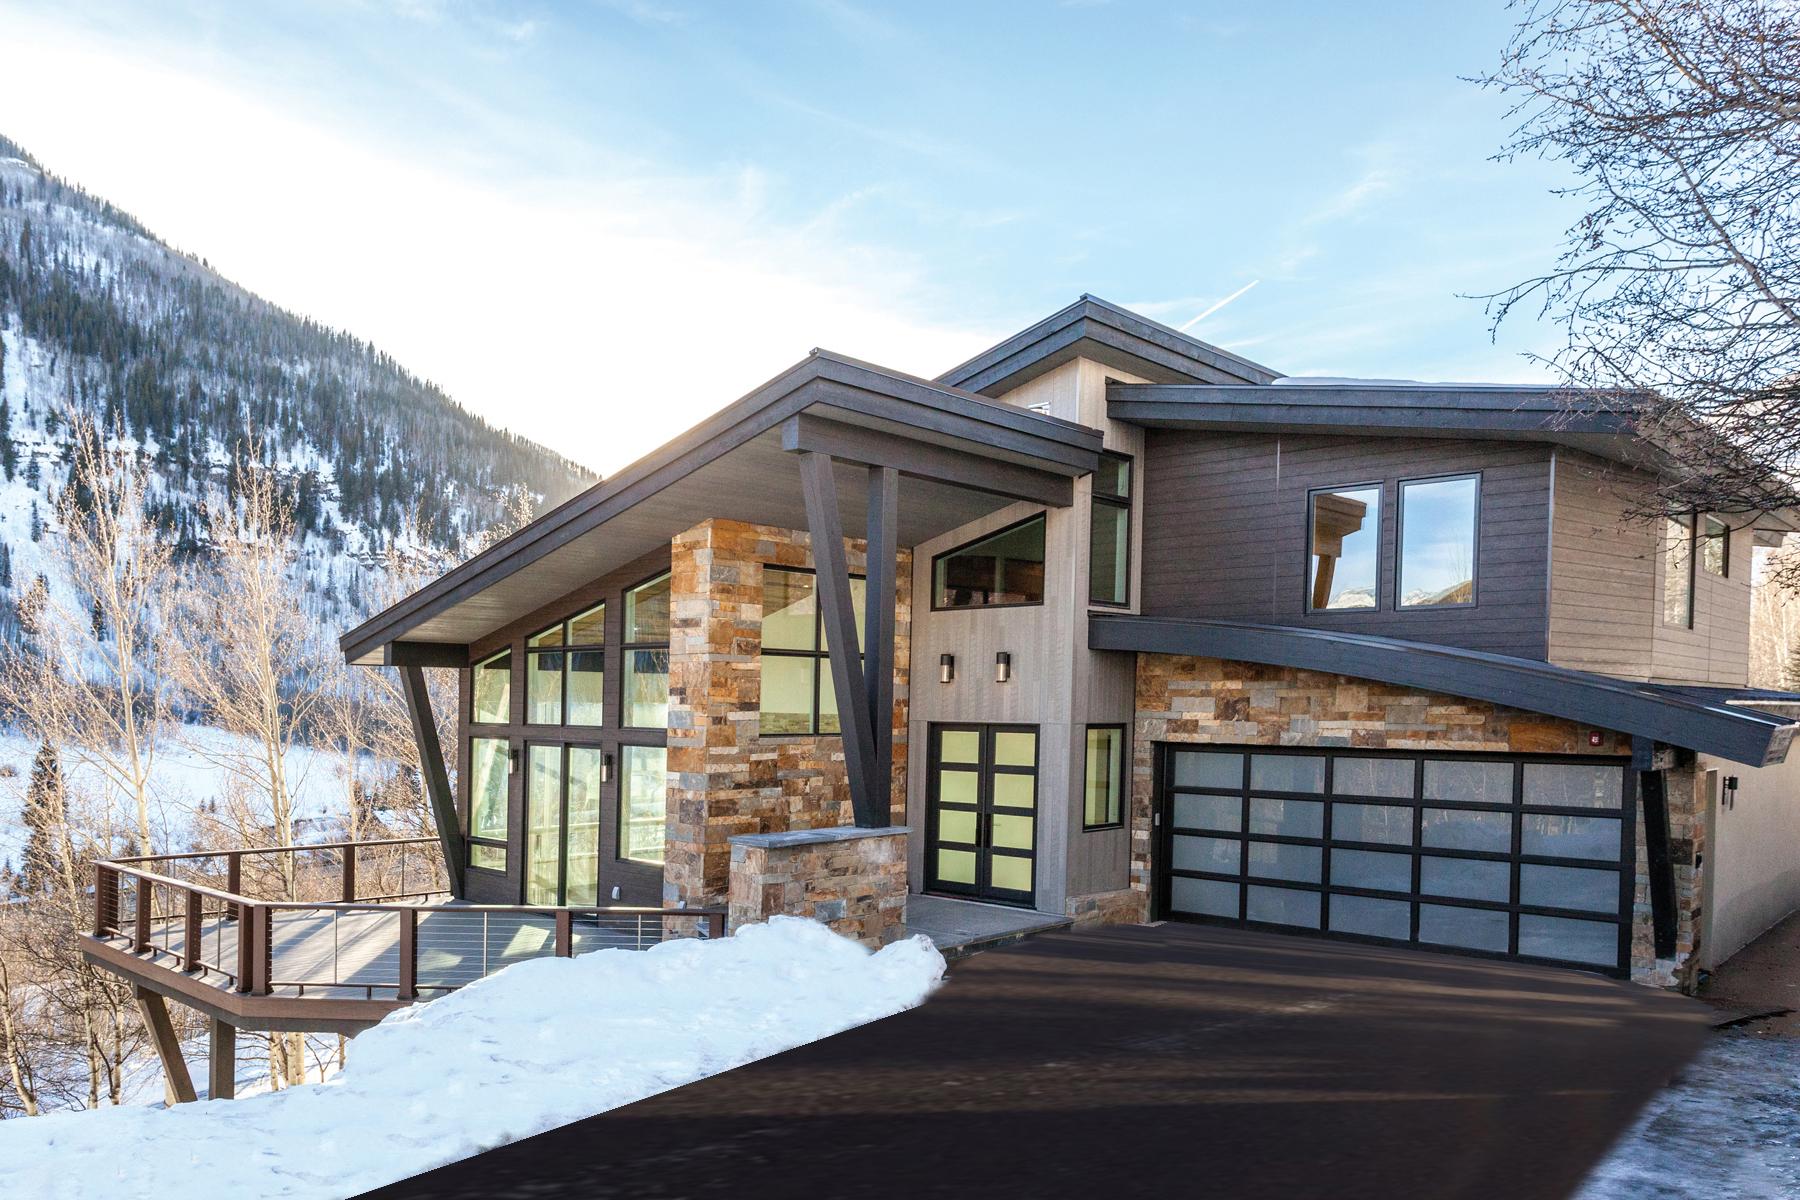 Doppelhaus für Verkauf beim New Construction in Vail 3235 Katsos Ranch Rd Vail, Colorado, 81657 Vereinigte Staaten